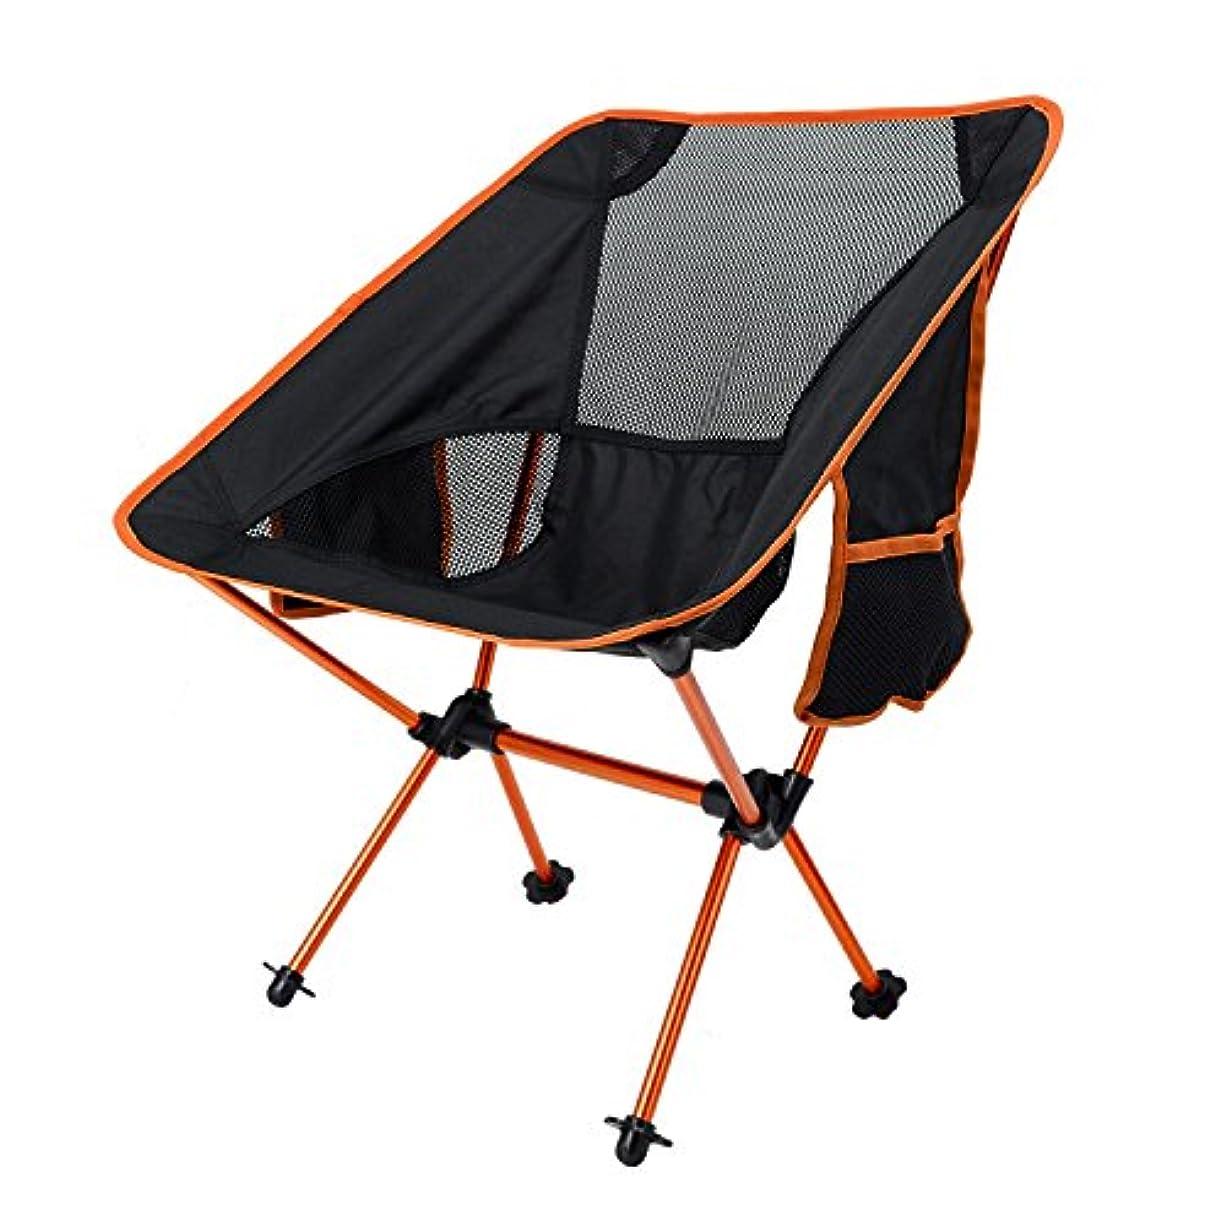 起きて人事悪性Panegy アウトドアチェア 折りたたみ椅子 キャンプ 椅子 コンパクト アルミ製 超軽量 釣り 登山 バーベキュー 携帯便利 背もたれ 耐荷重 150kg オレンジ